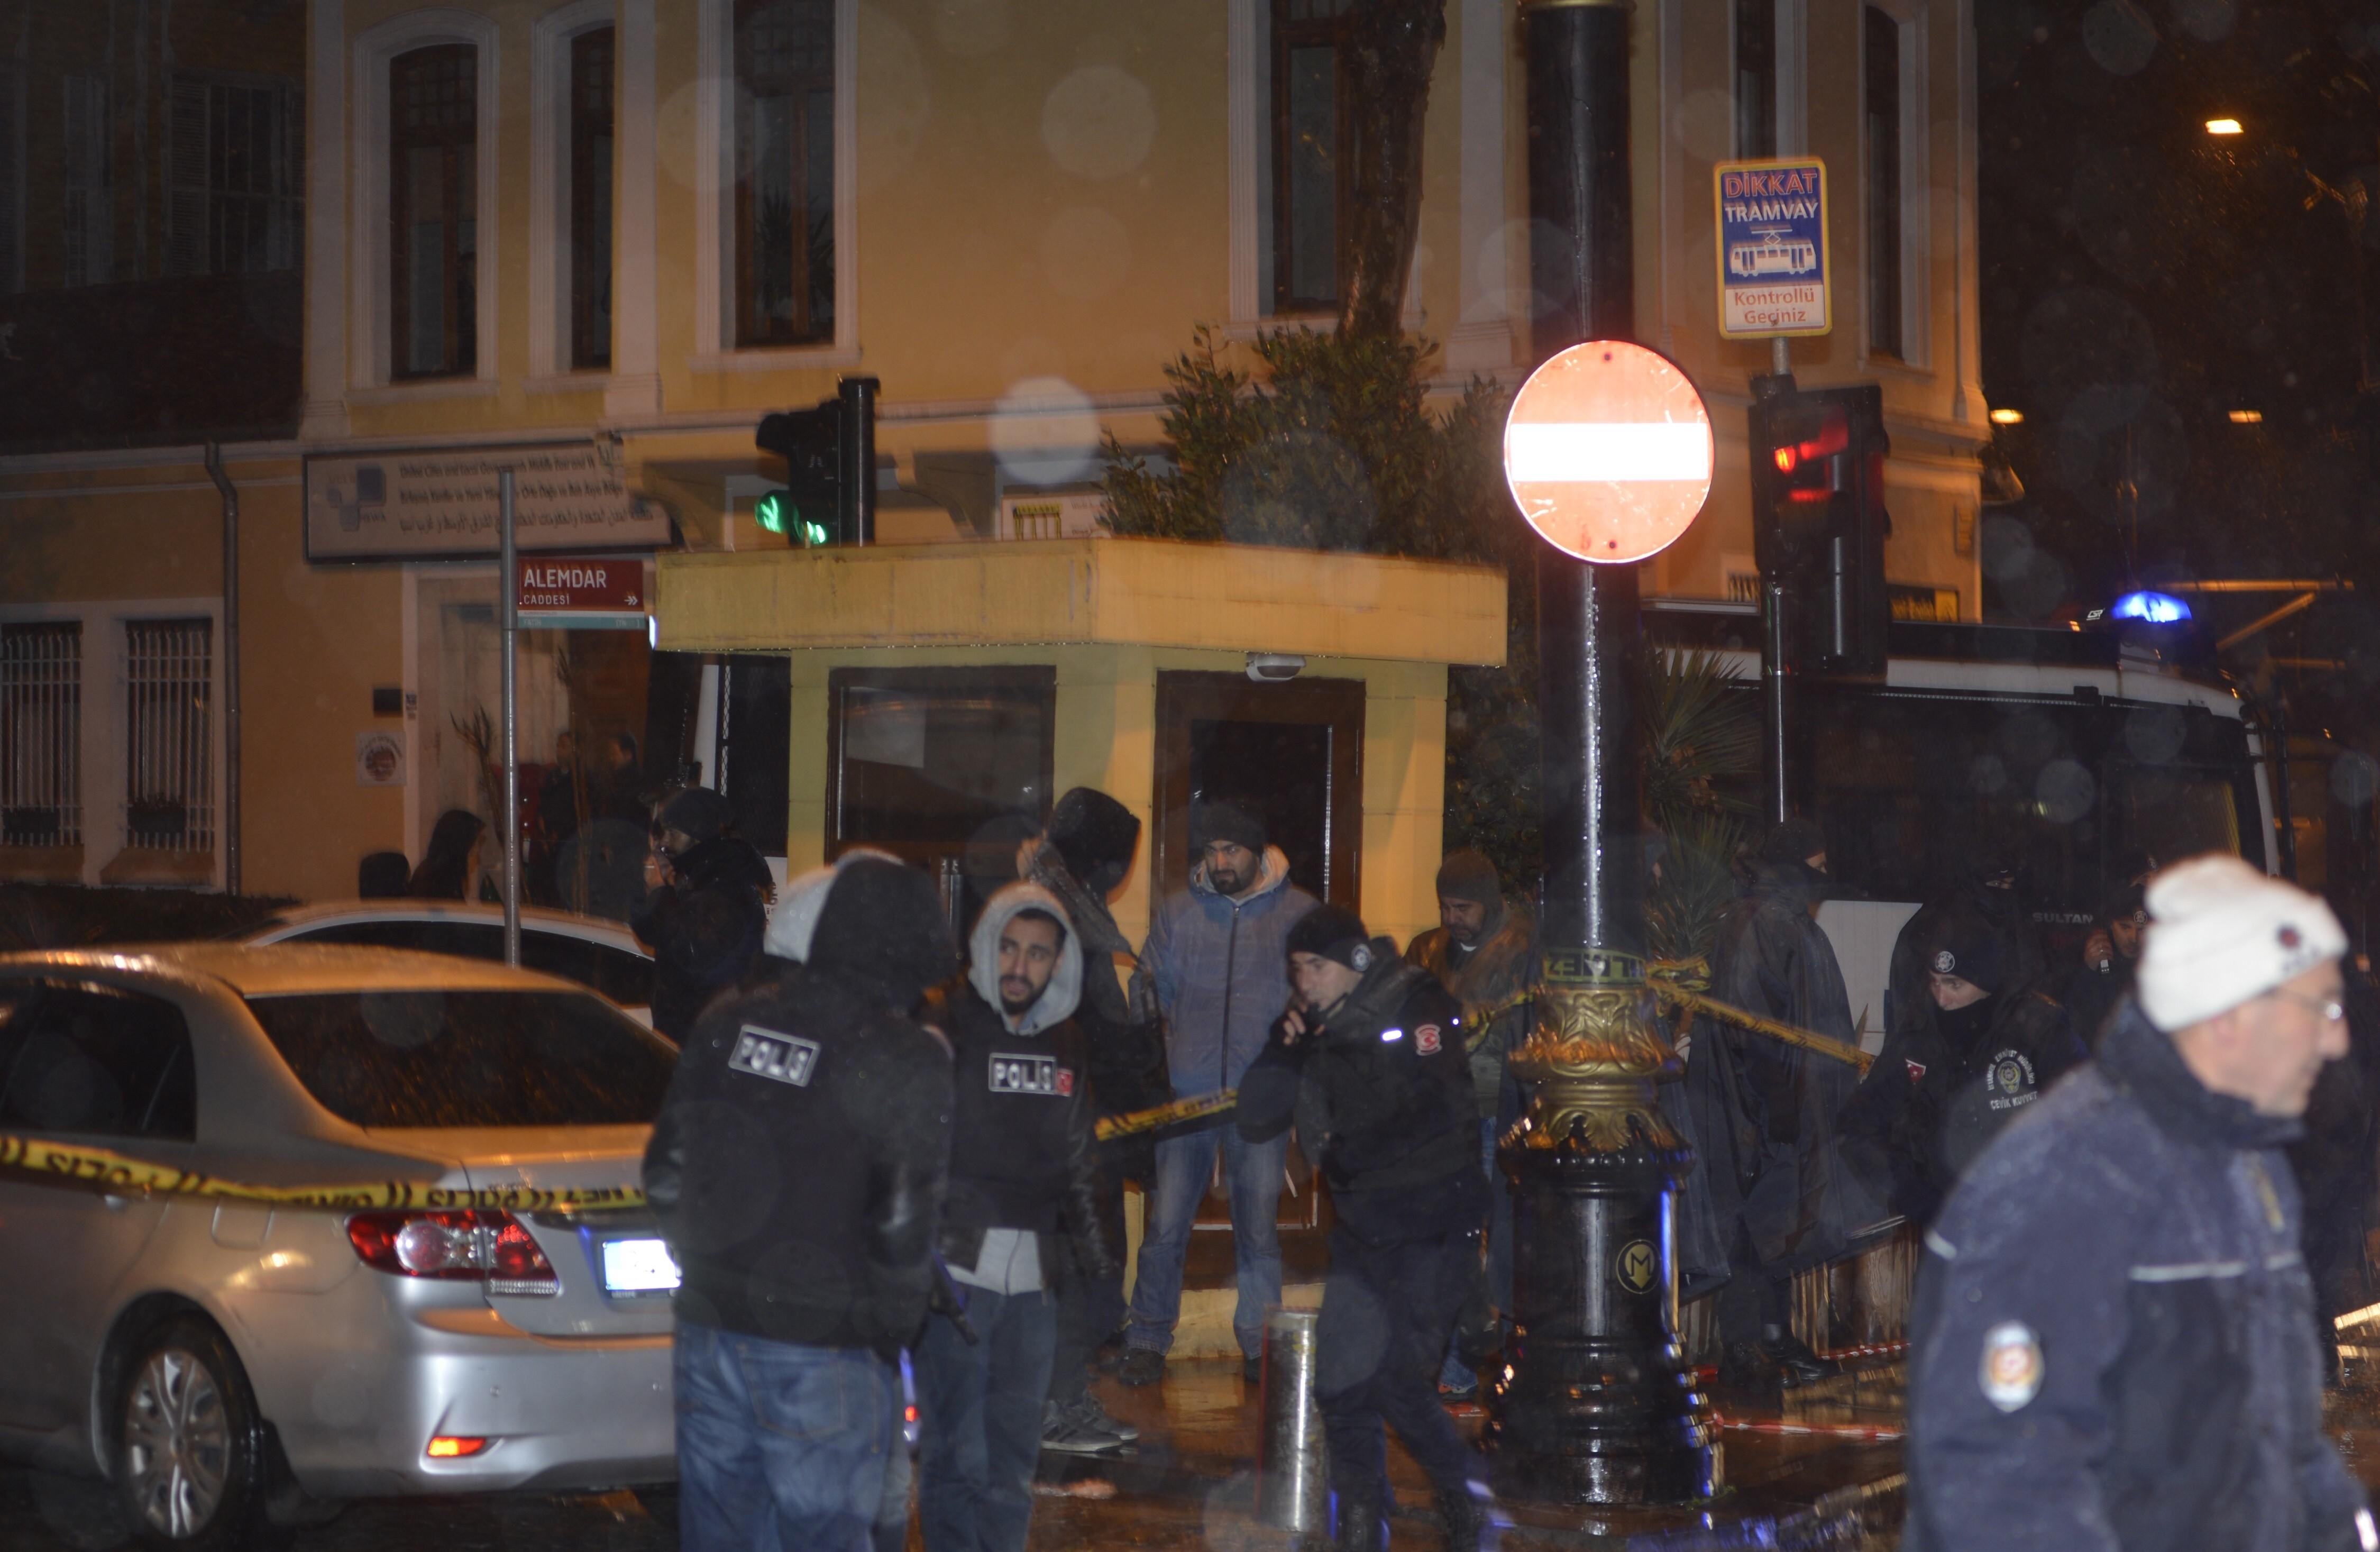 تركيا.. إصابة شخصين بهجوم استهدف مركزاً أمنياً في إسطنبول